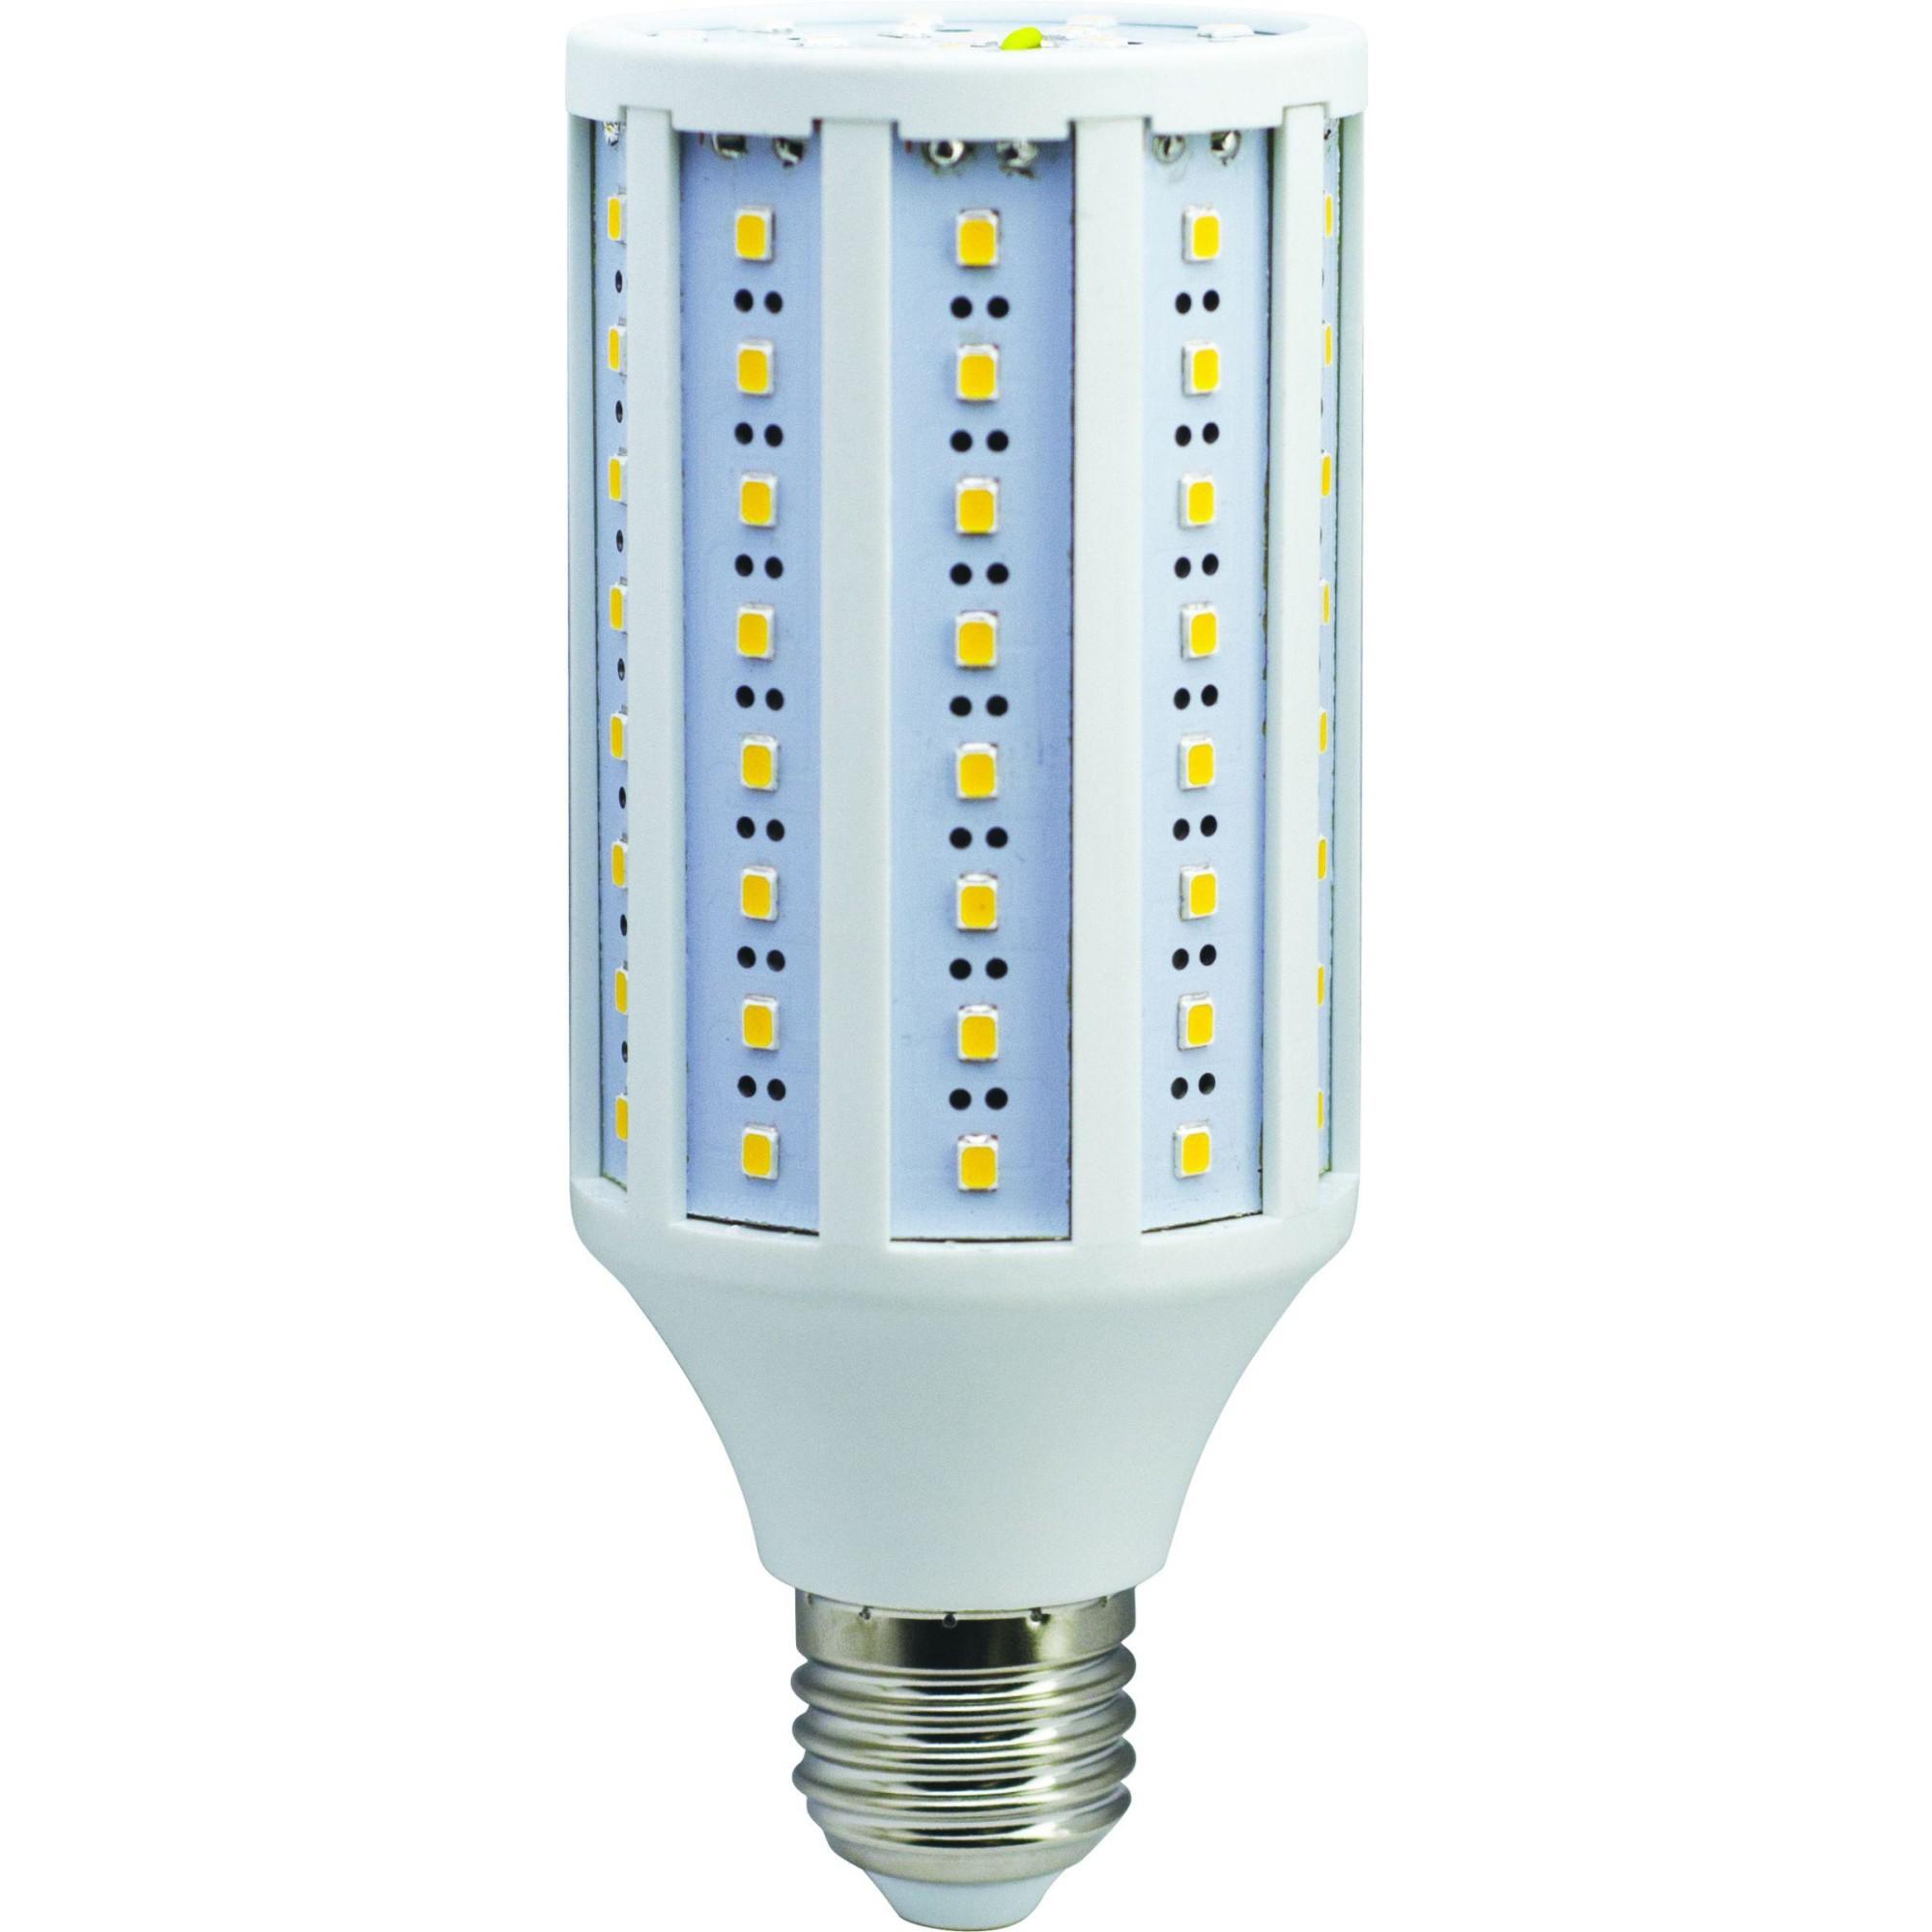 Лампа Ecola Premium светодионая E27 17 Вт кукуруза 1530 Лм нейтральный свет